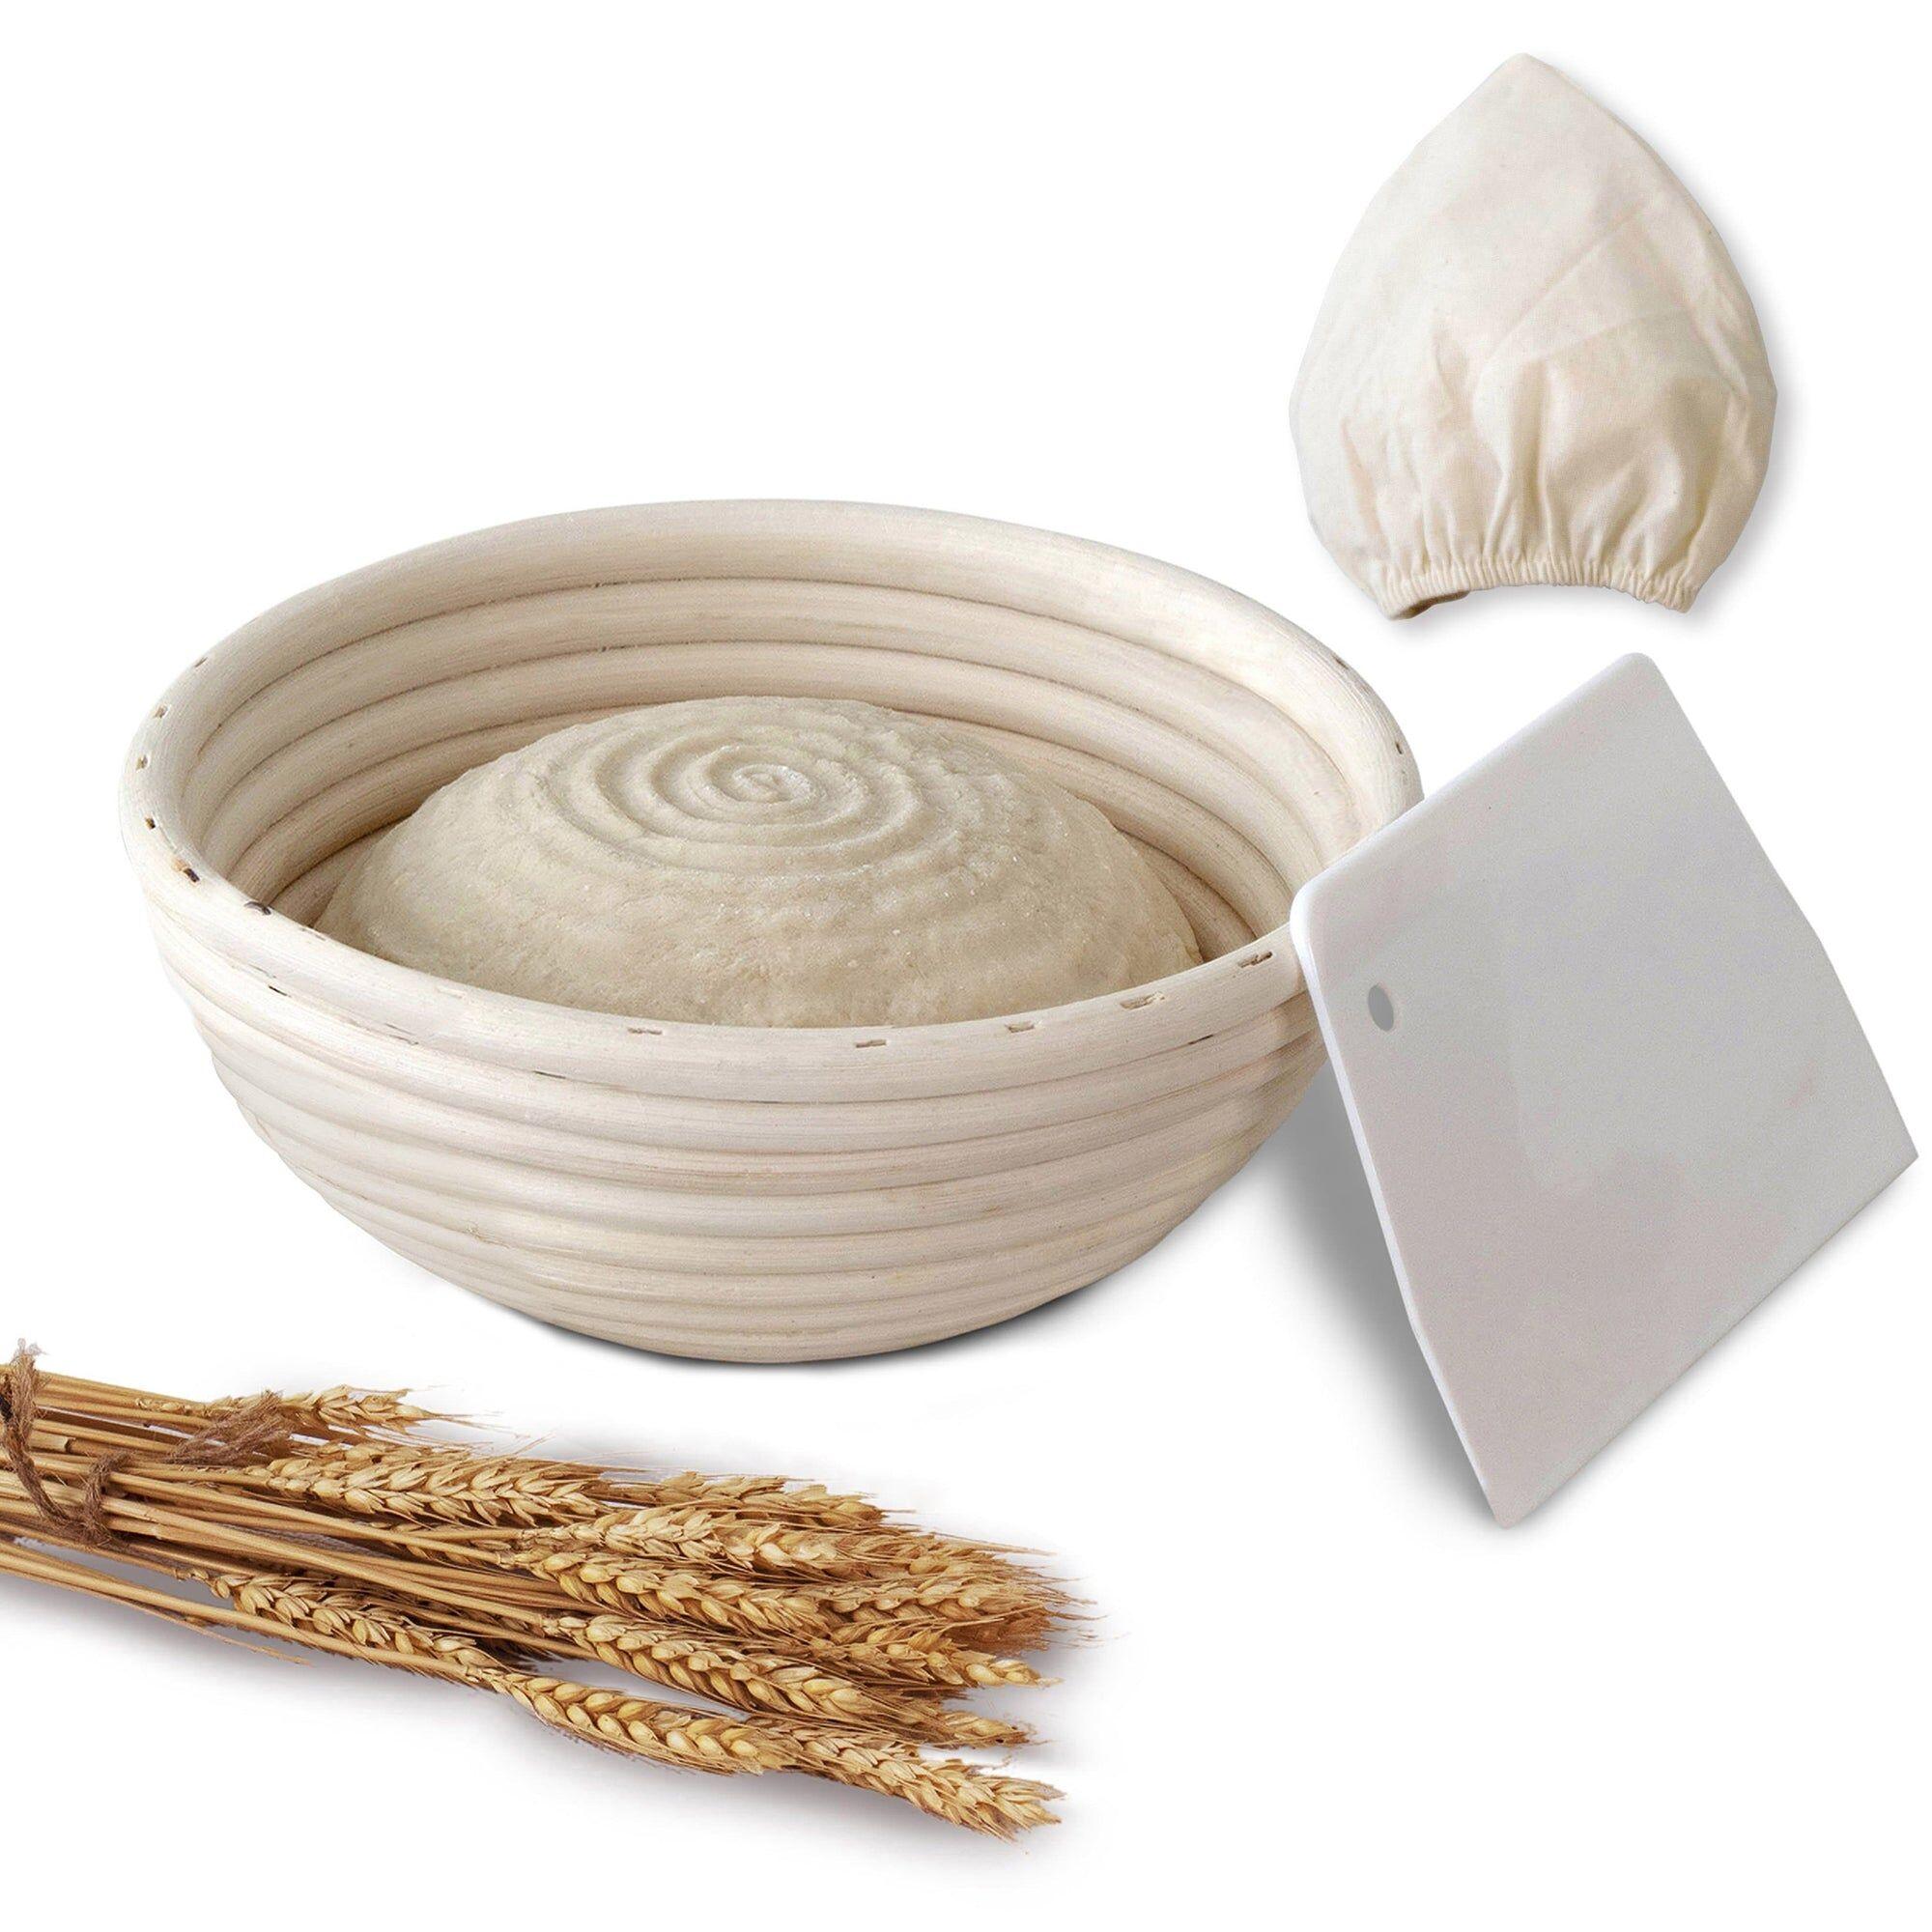 MadeTerra 10-inch Round Banneton Bread Proofing Basket Set